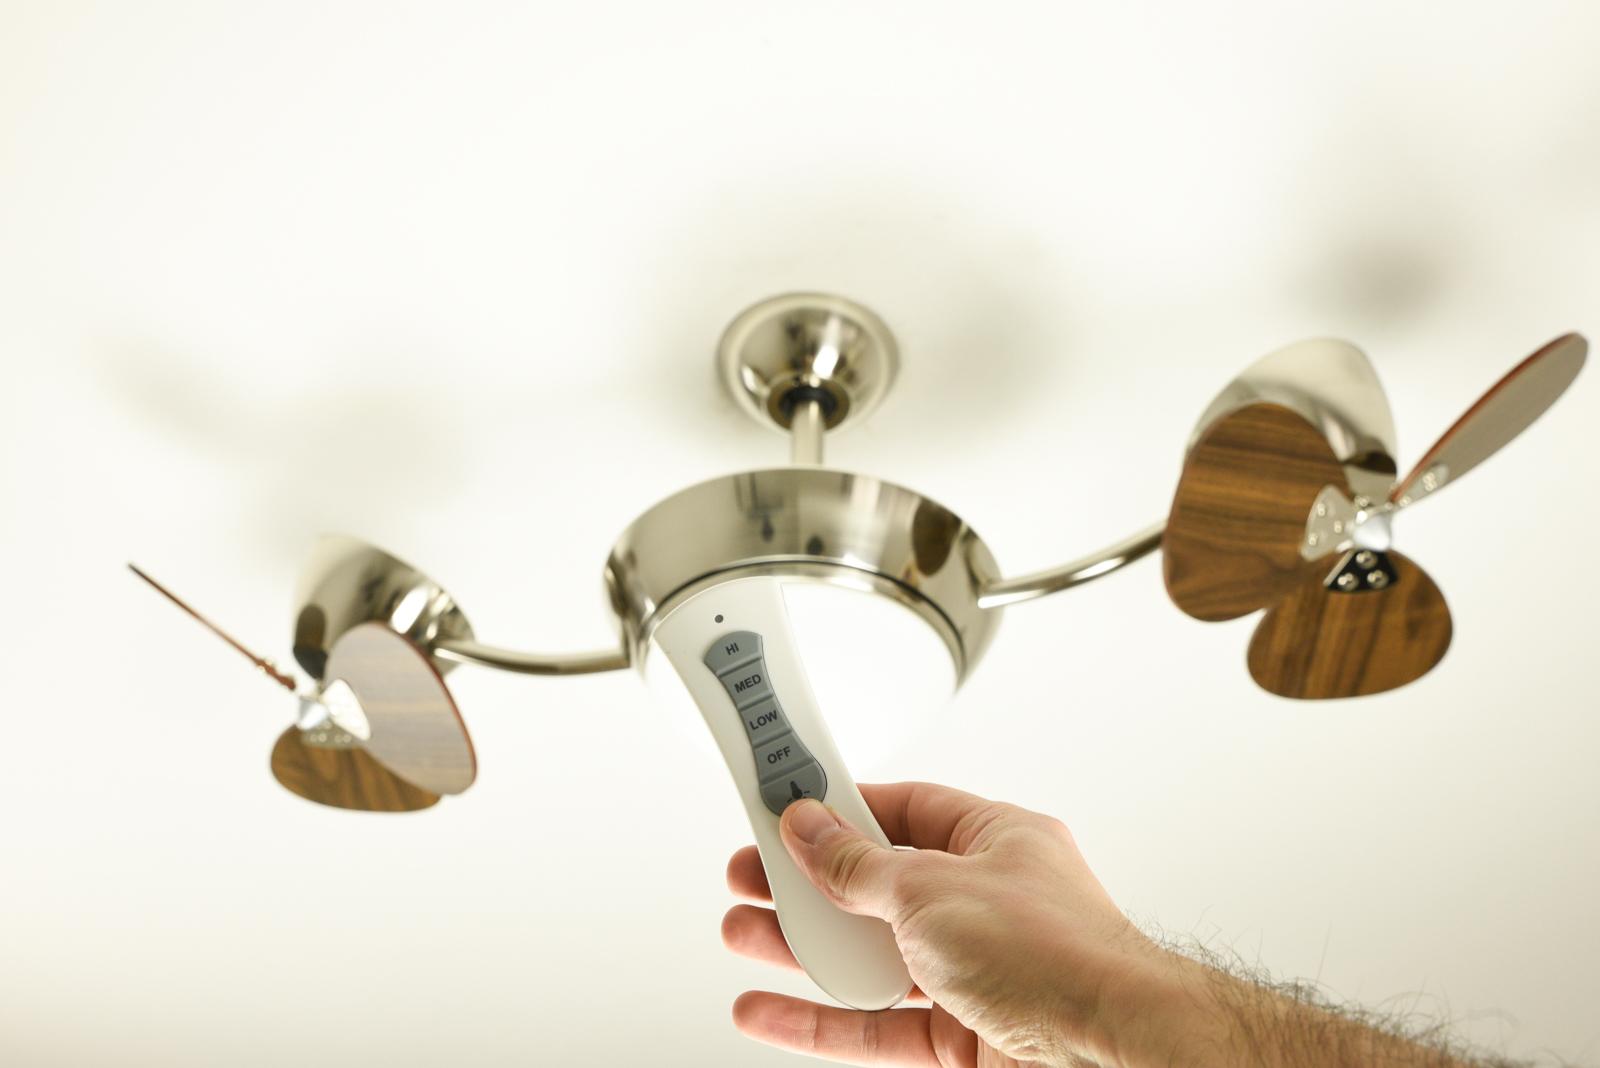 Statt Lampe Deckenventilator mit Beleuchtung. Licht an!  Pepeo GmbH